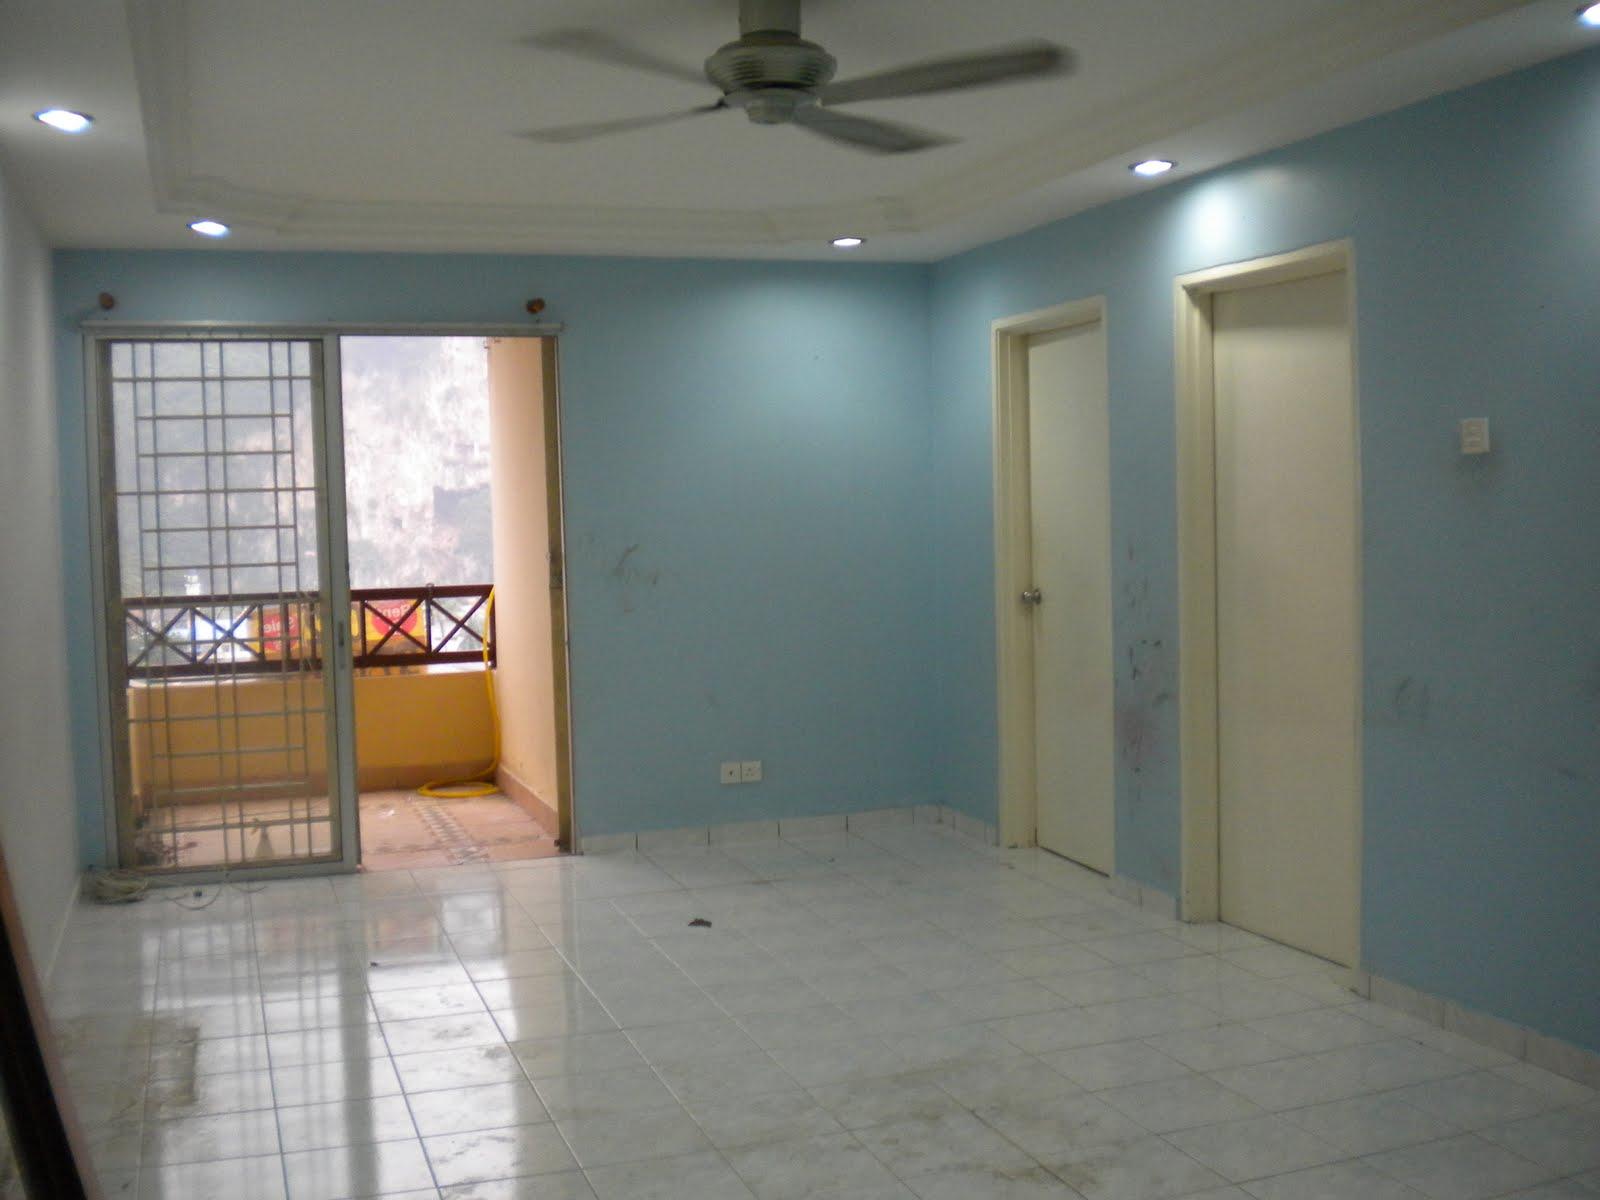 Gambar Jubin Lantai Ruang Tamu Desainrumahid Warna Mozek Untuk